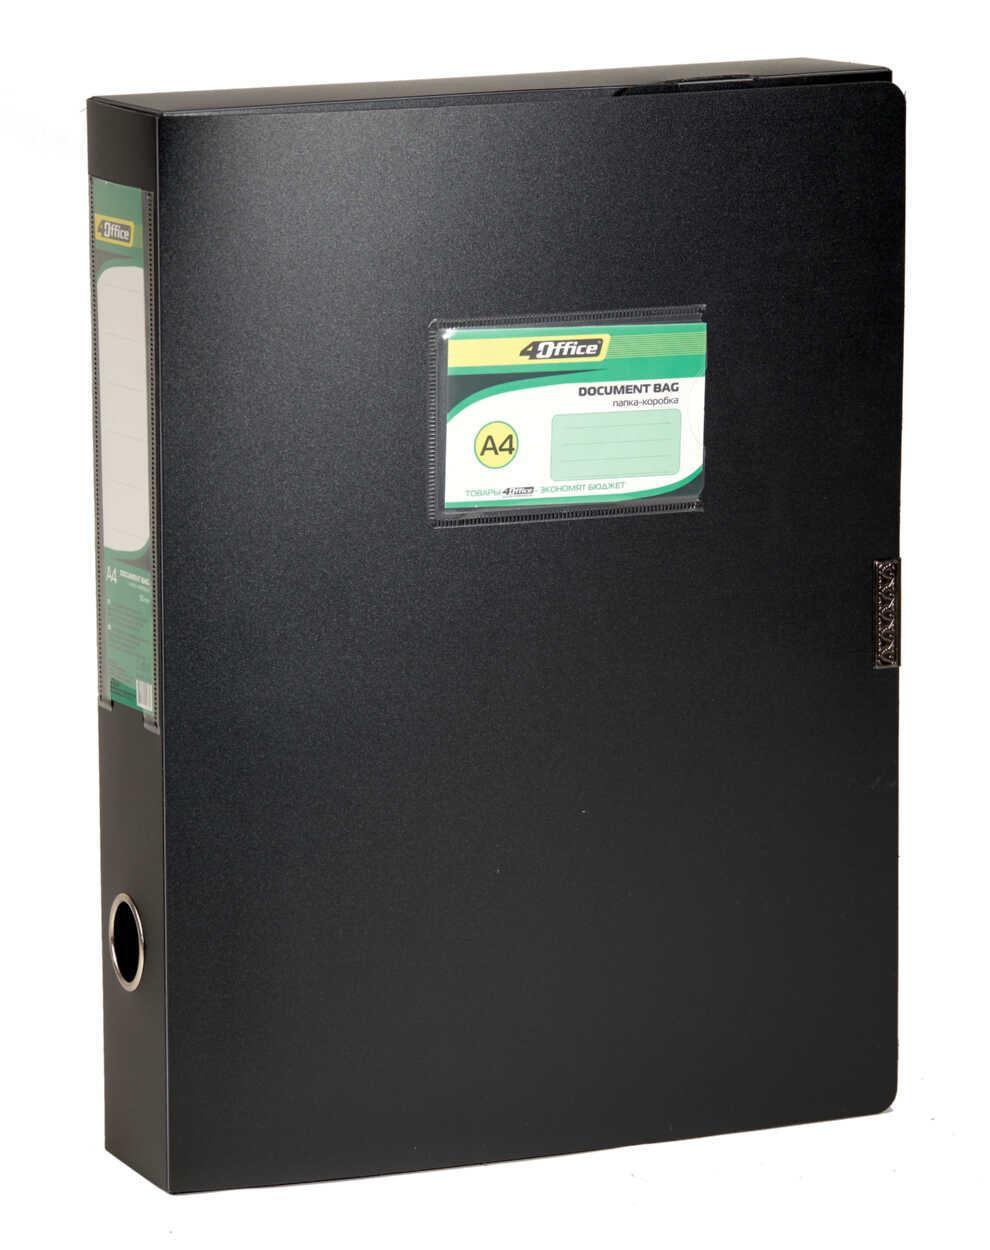 Папка-коробка, A4,  3.7 см, на липучке,черная , PP, 4-242, 4OFFICE